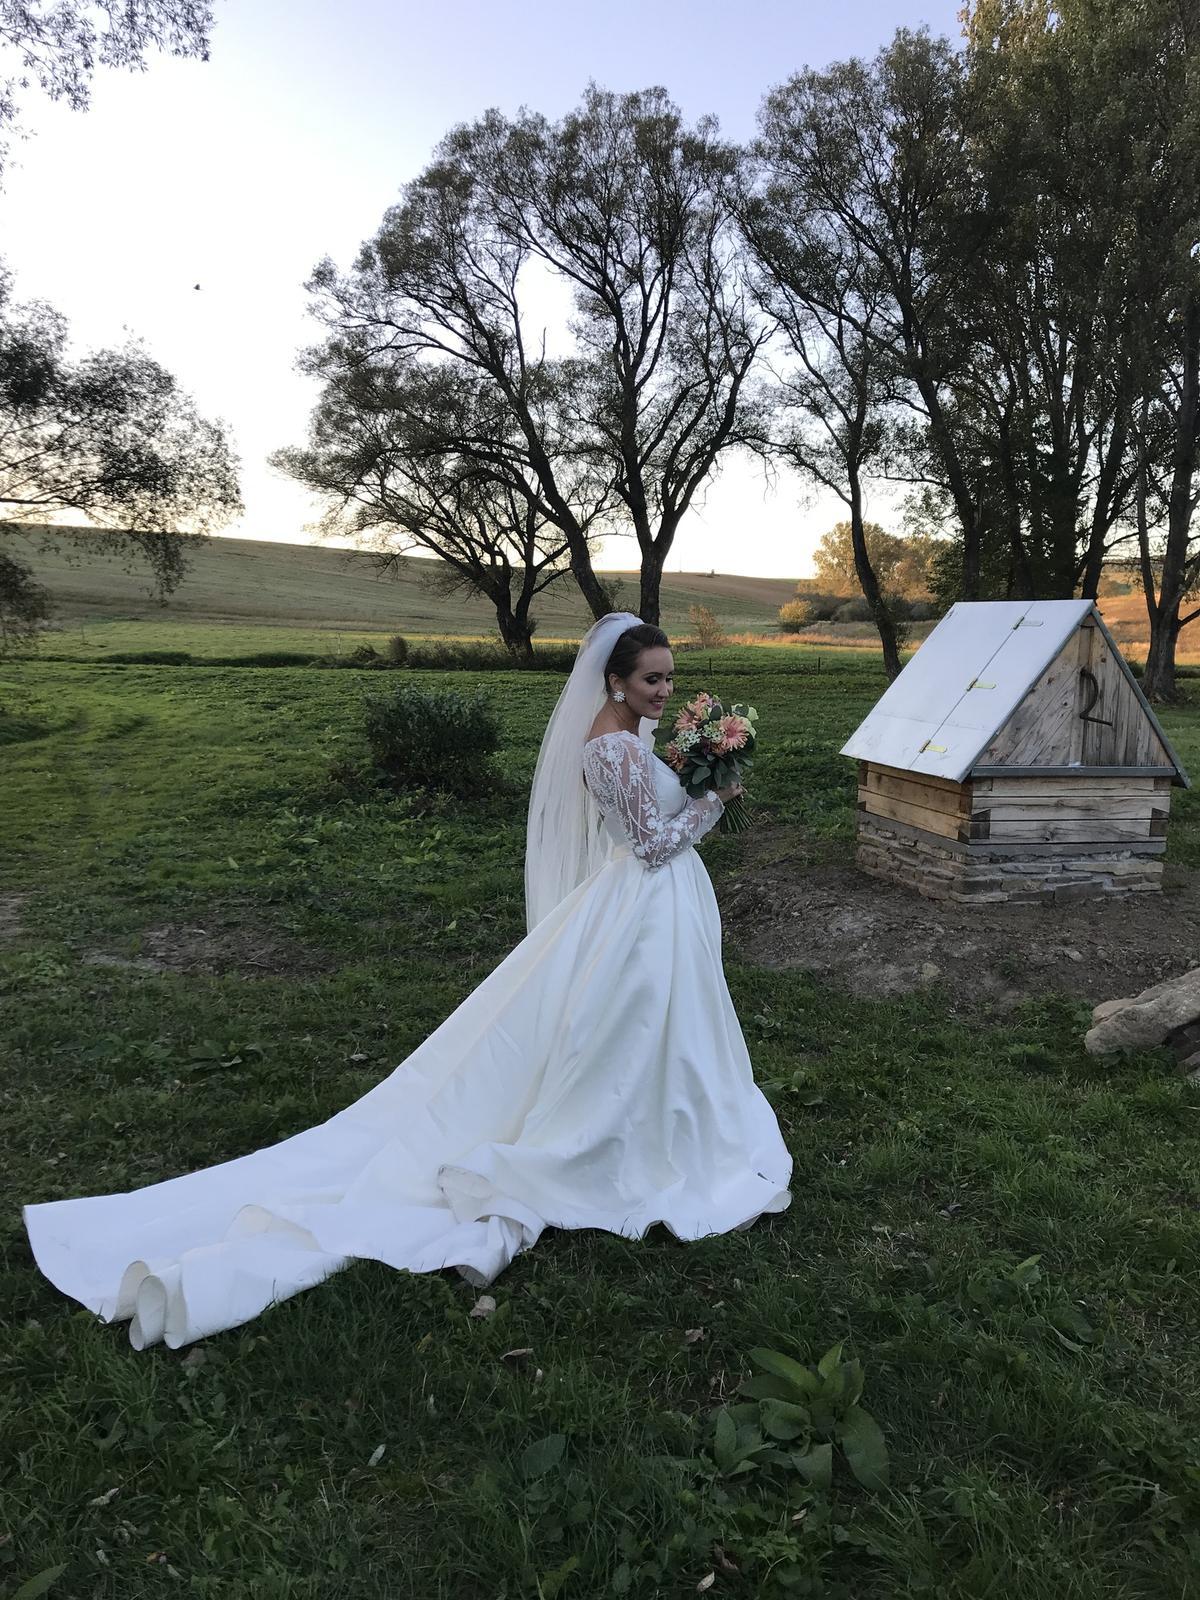 Saténové svadobné šaty s čipkovanými rukávmi - Obrázok č. 1